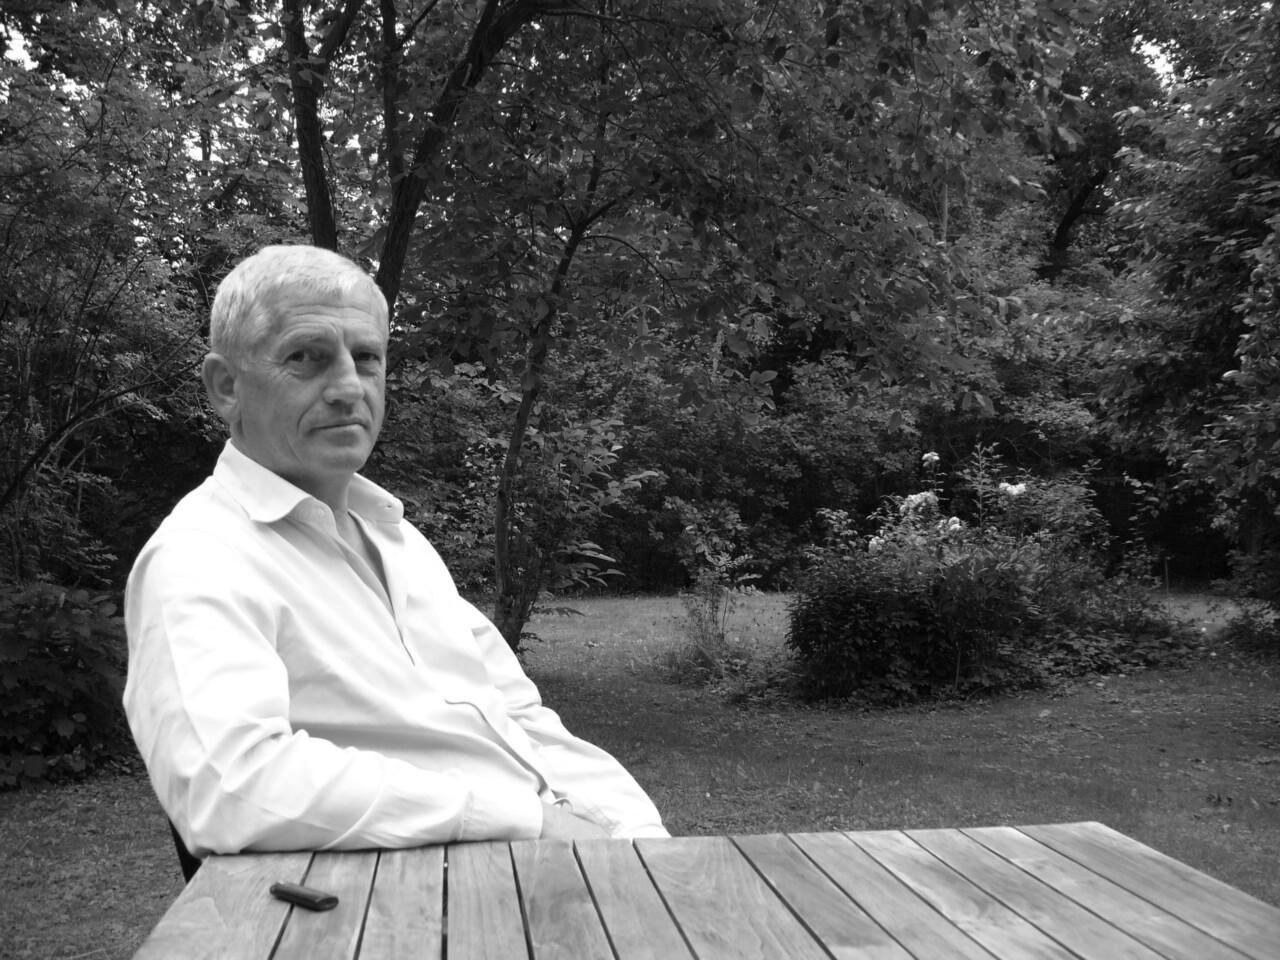 Du und ich - mehr nicht: Zum 65 Geburtstag von Arnold Stadler. Foto von Georg Magirius